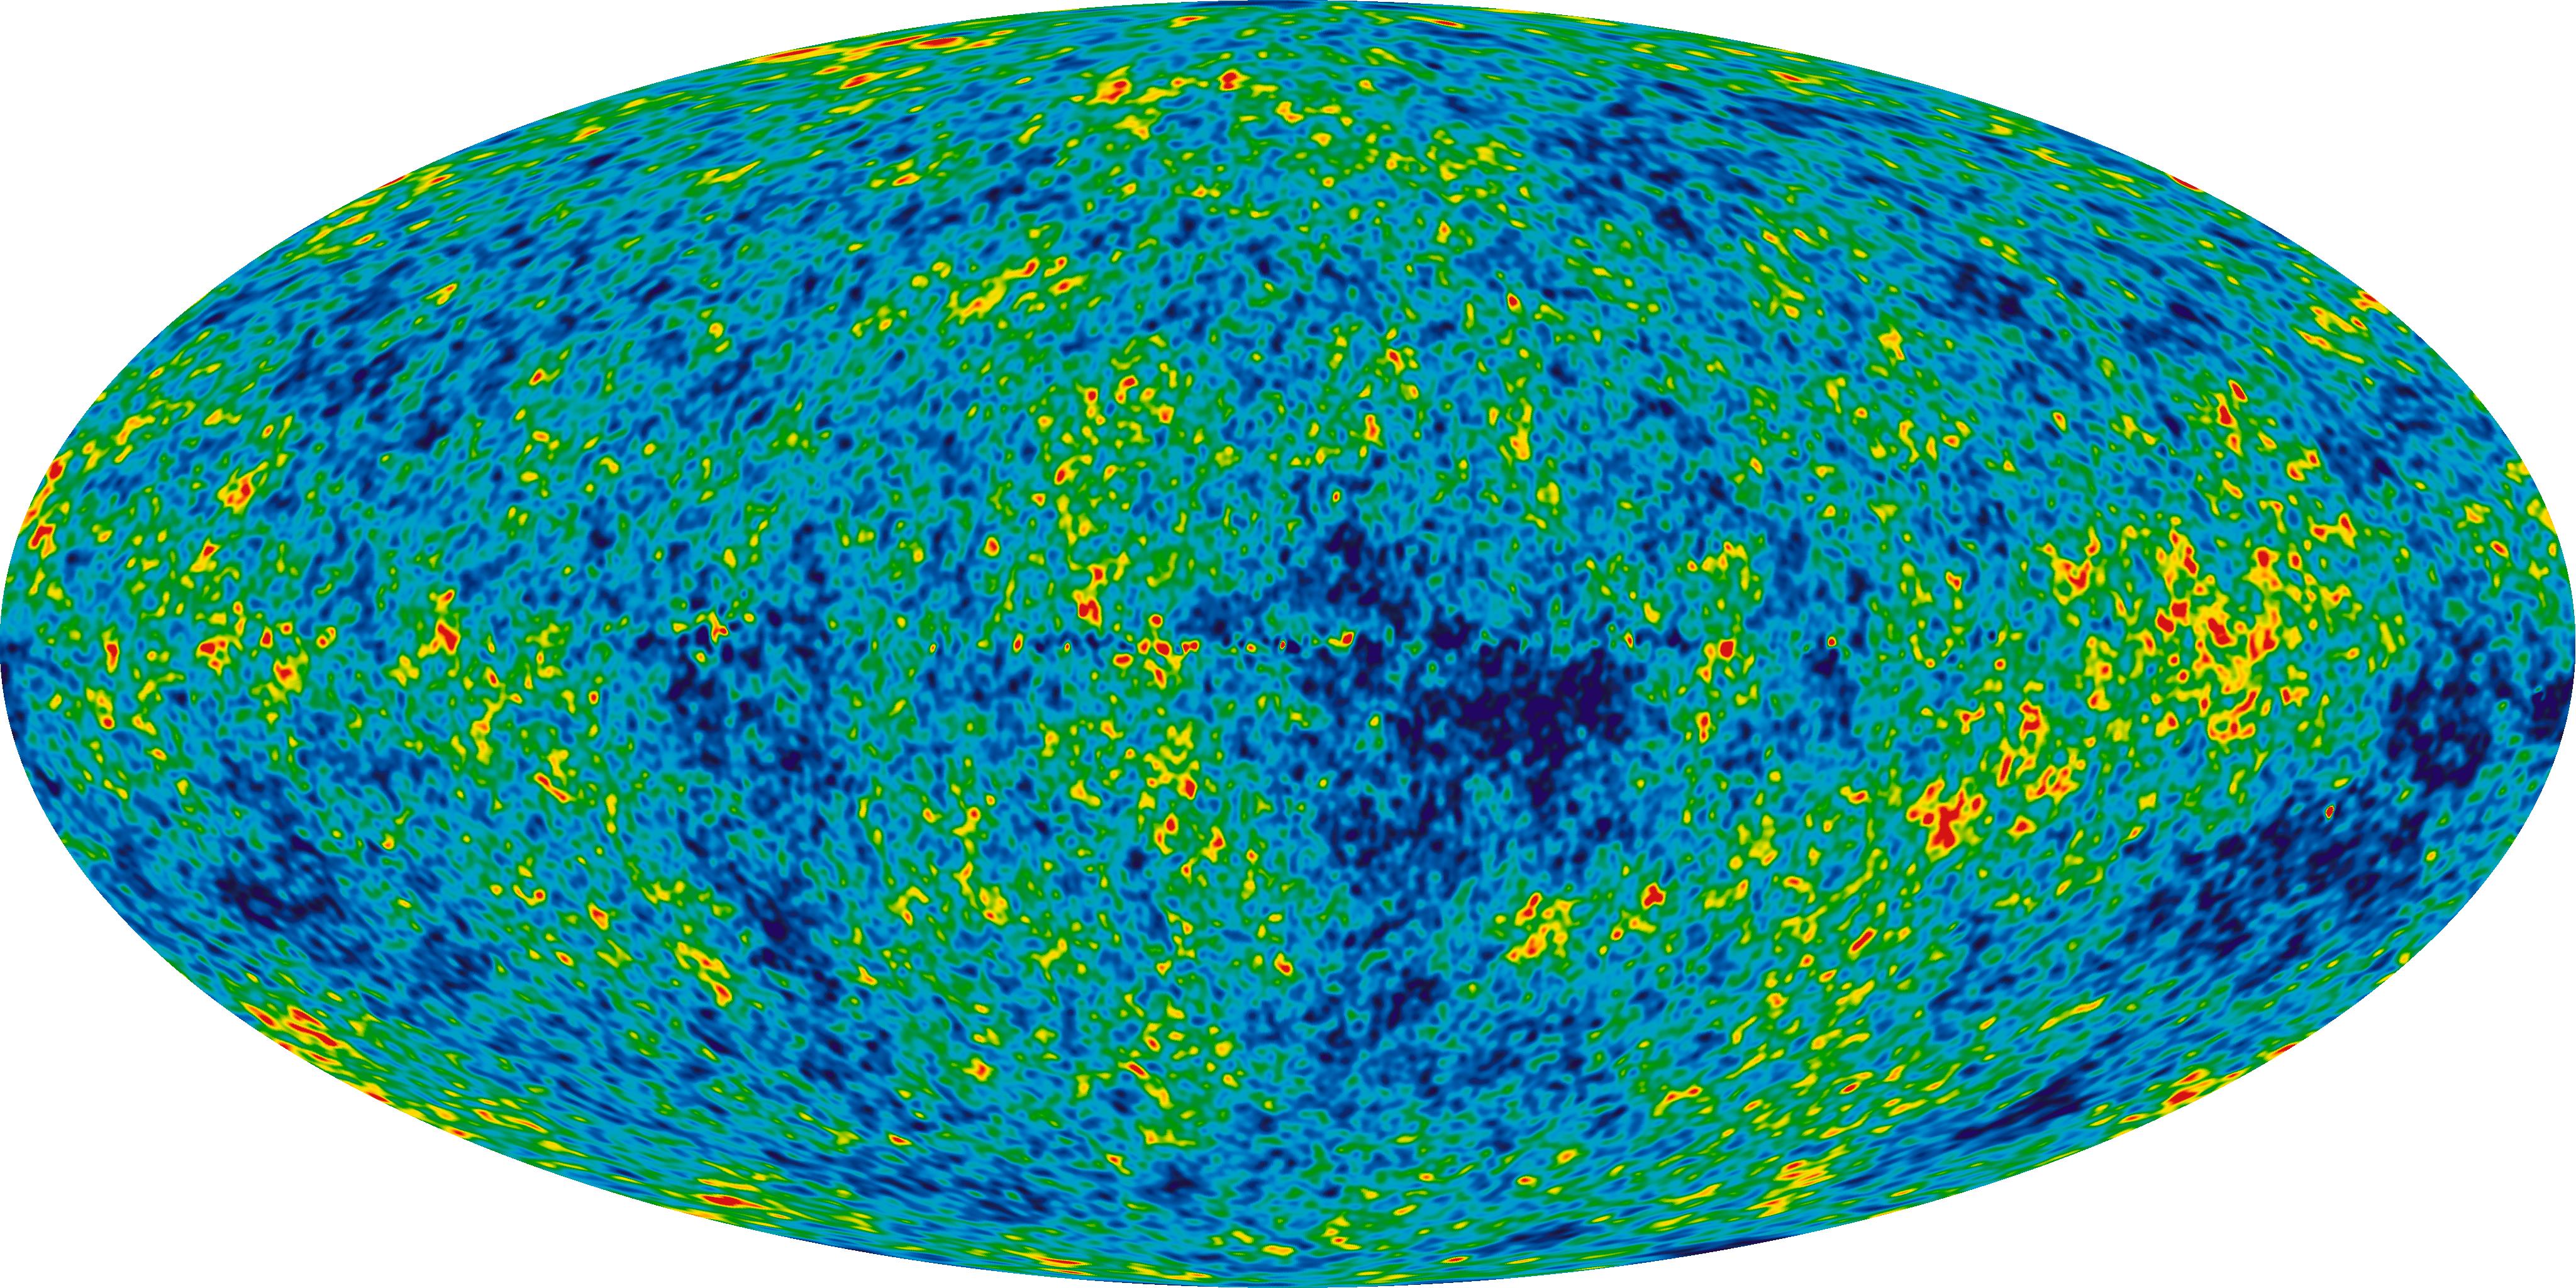 Radiación de microondas del fondo de nuestro universo que contiene información sobre cómo y por qué surgieron el espacio y el tiempo.